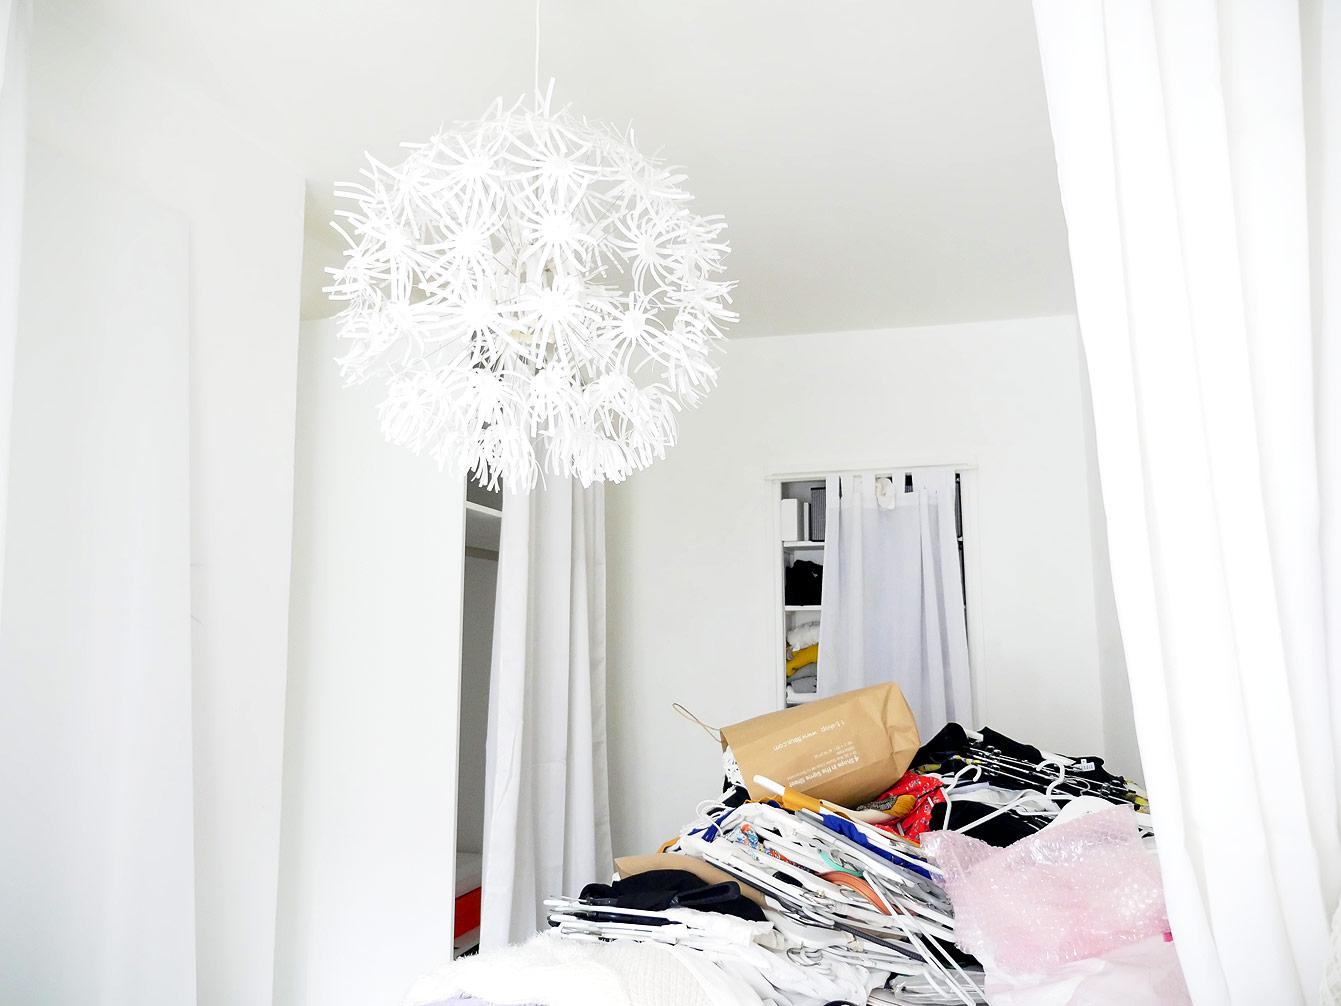 ikea-caisson-chambre-02